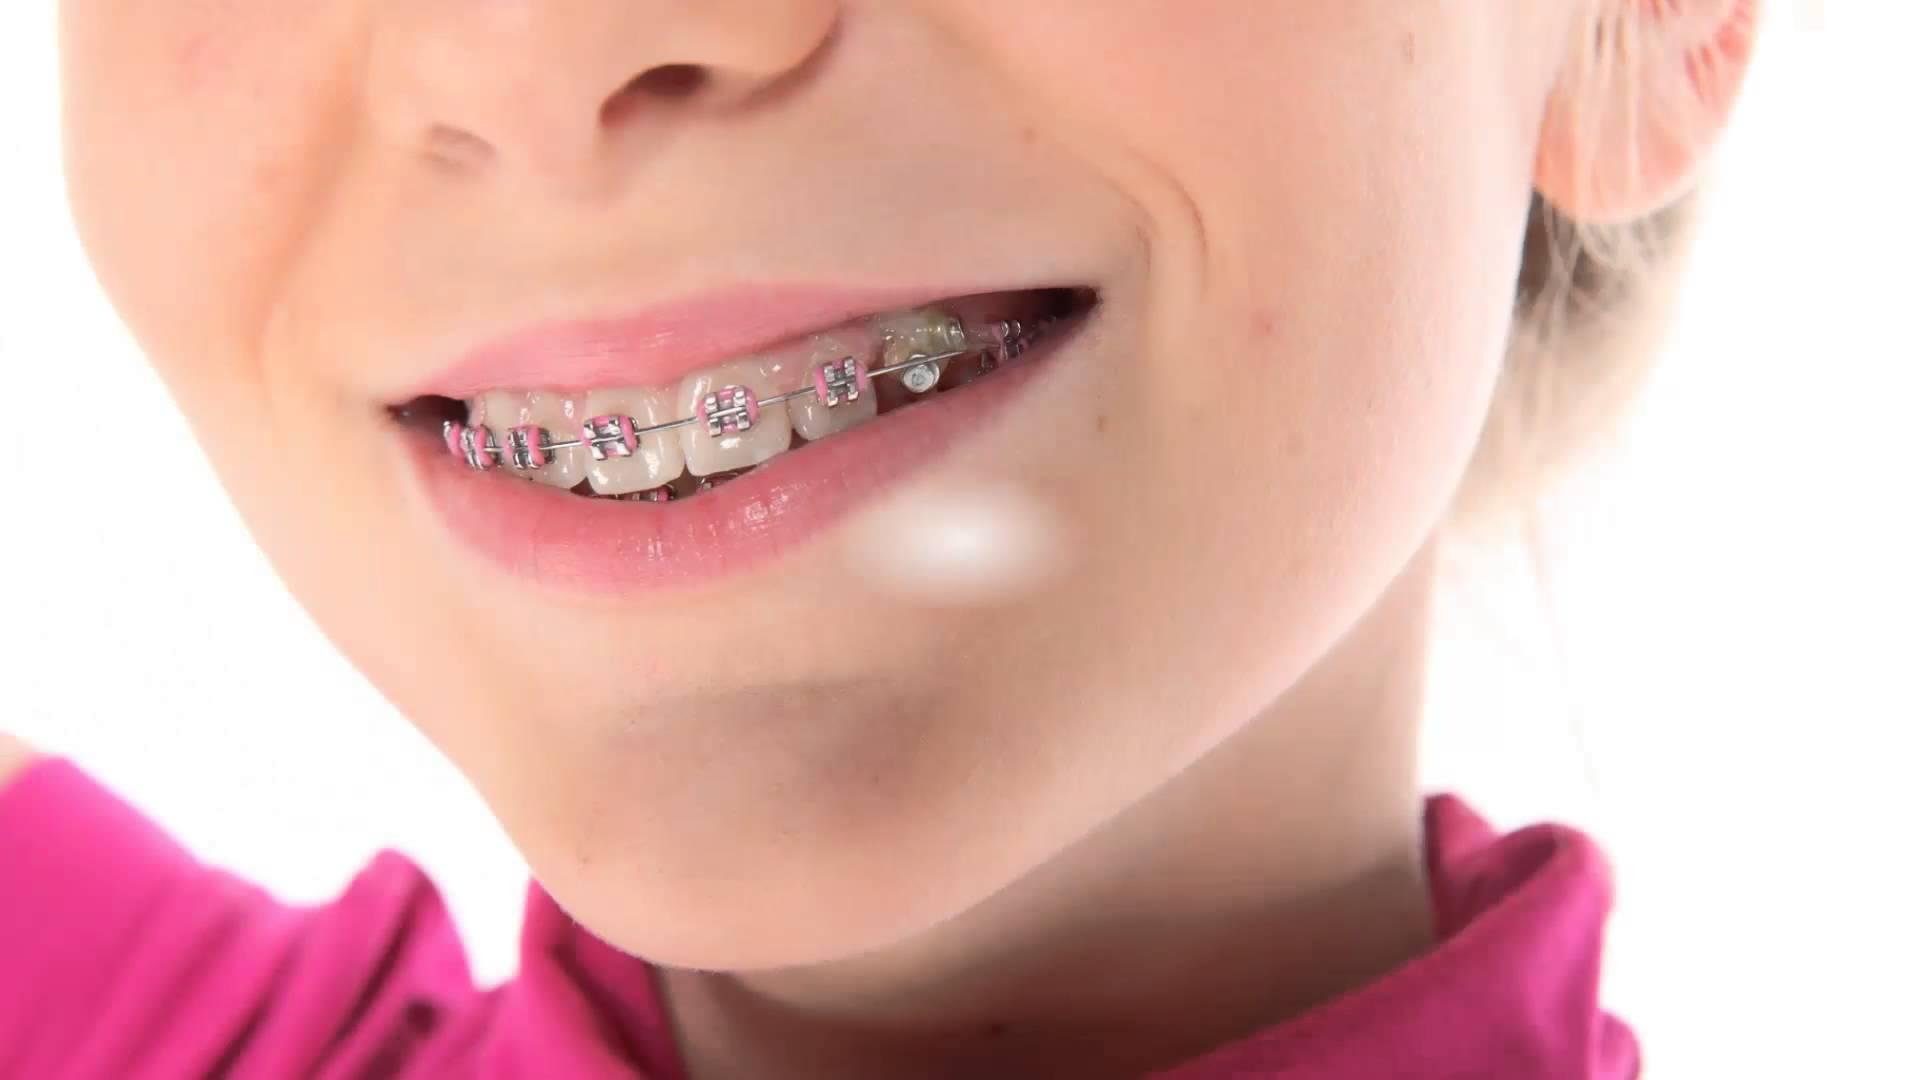 Брекеты в стоматологии: какие бывают, кому нужны